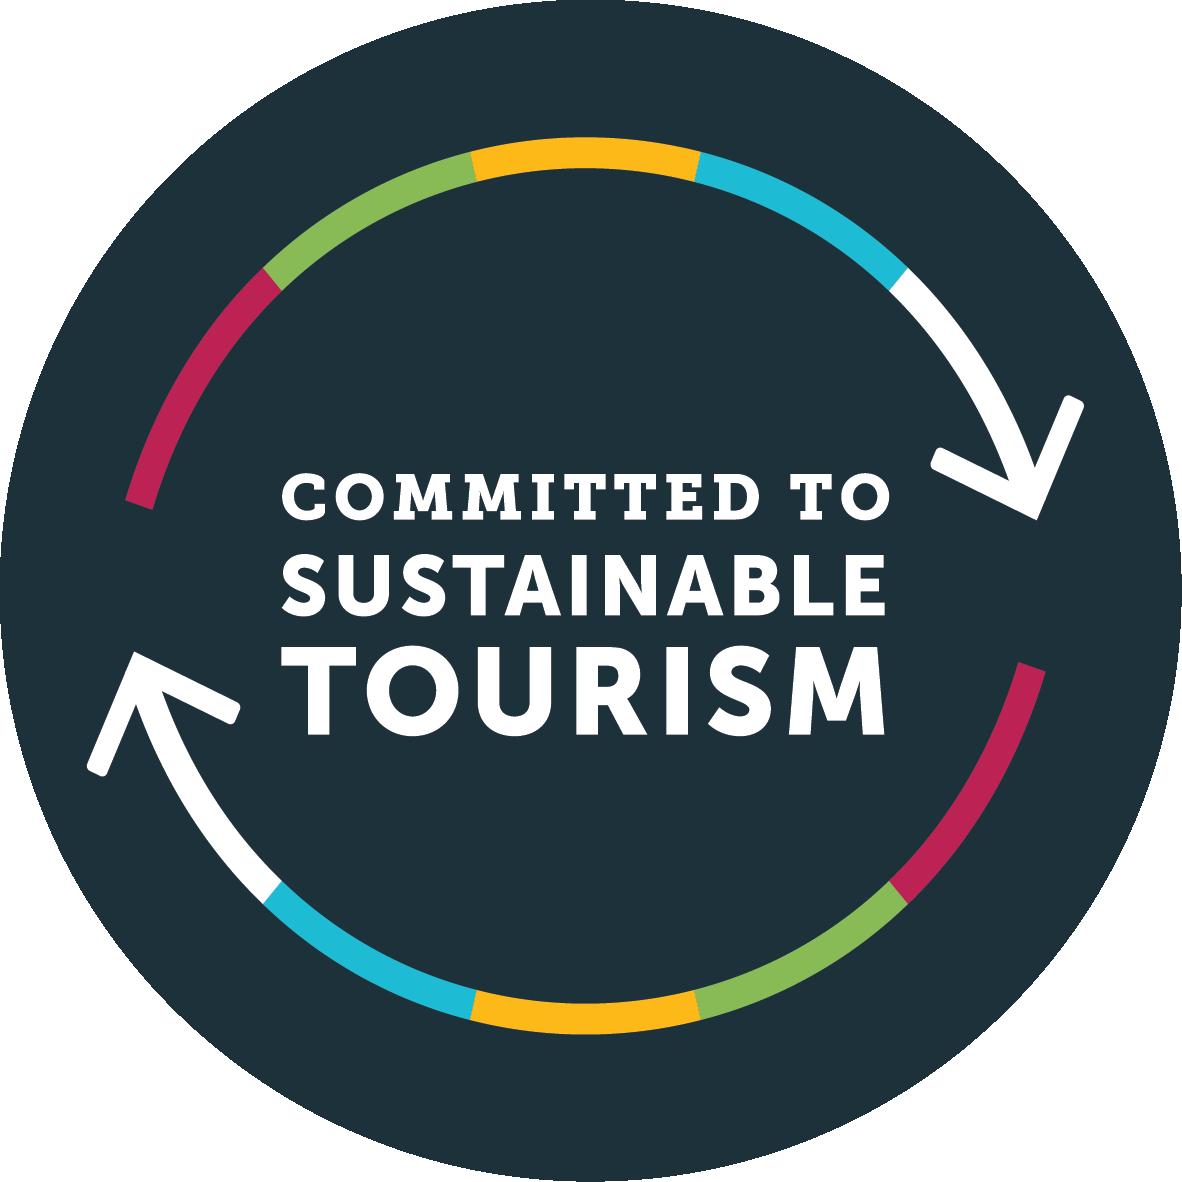 sustainable tourism logo